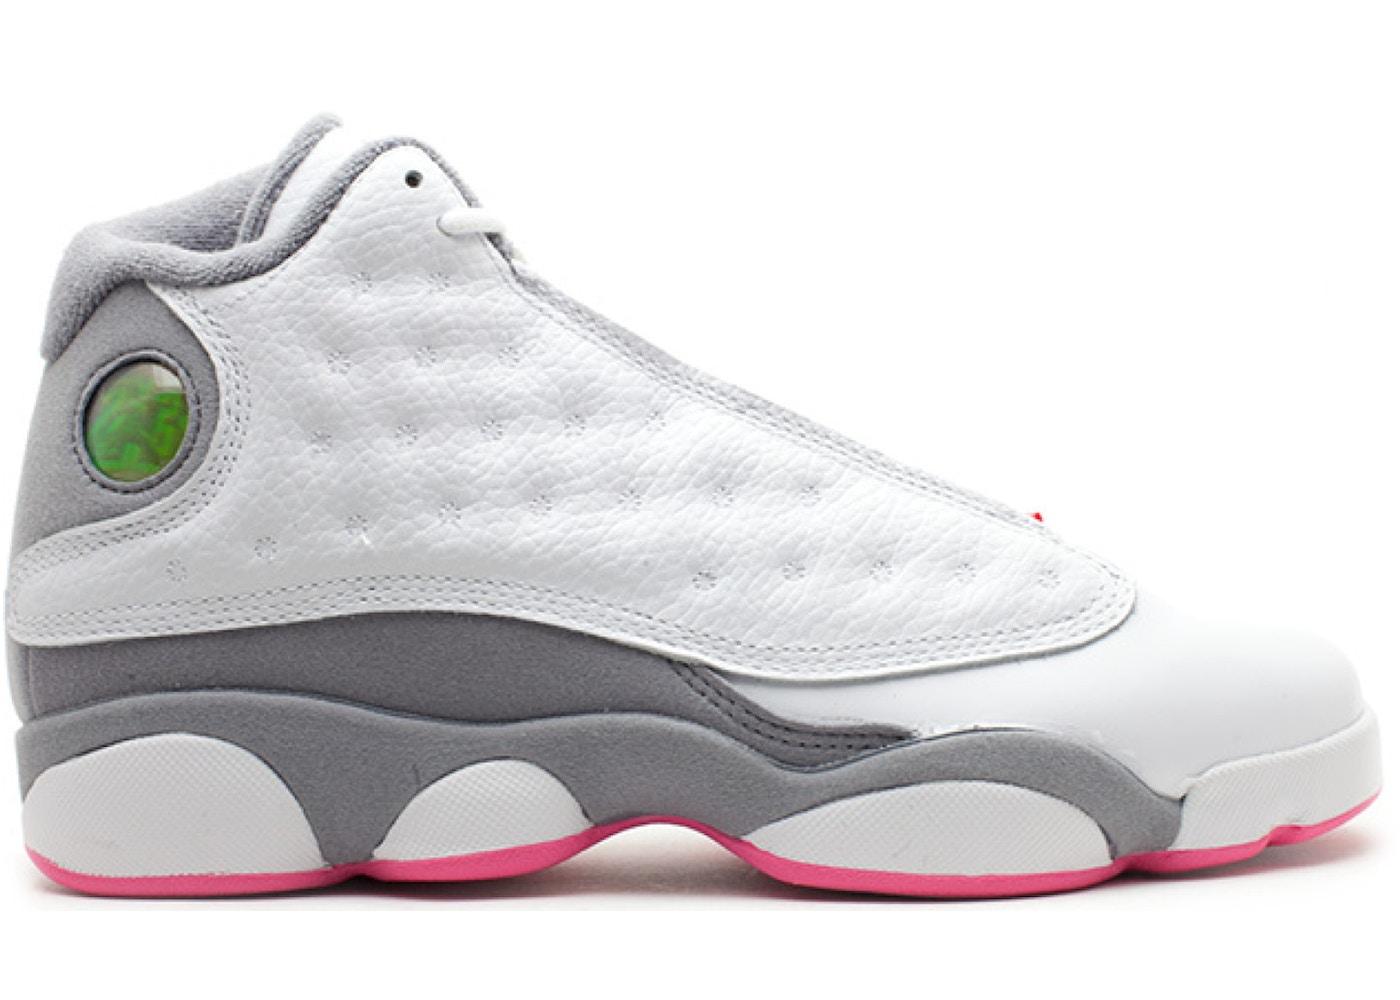 4c98054c0f1e Air Jordan 13 Shoes - Price Premium